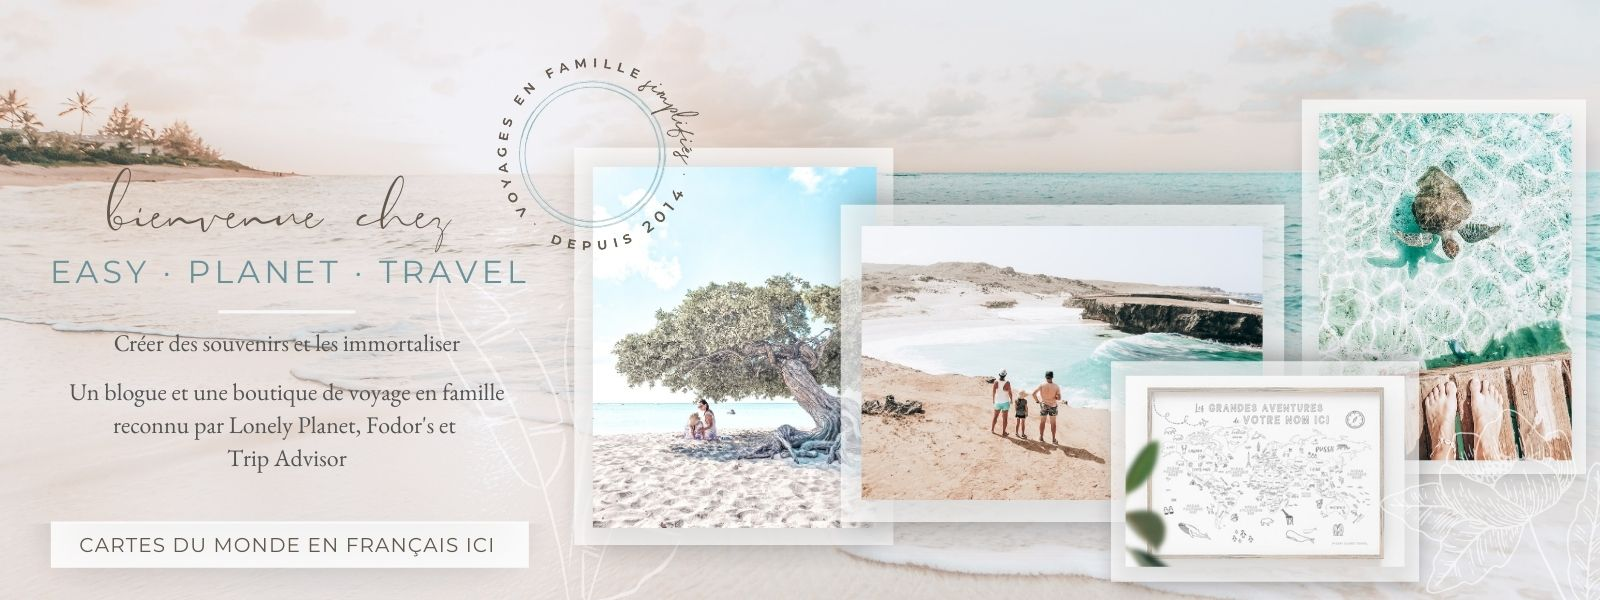 meilleur-blogue-et-boutique-voyage-en-famille-2020